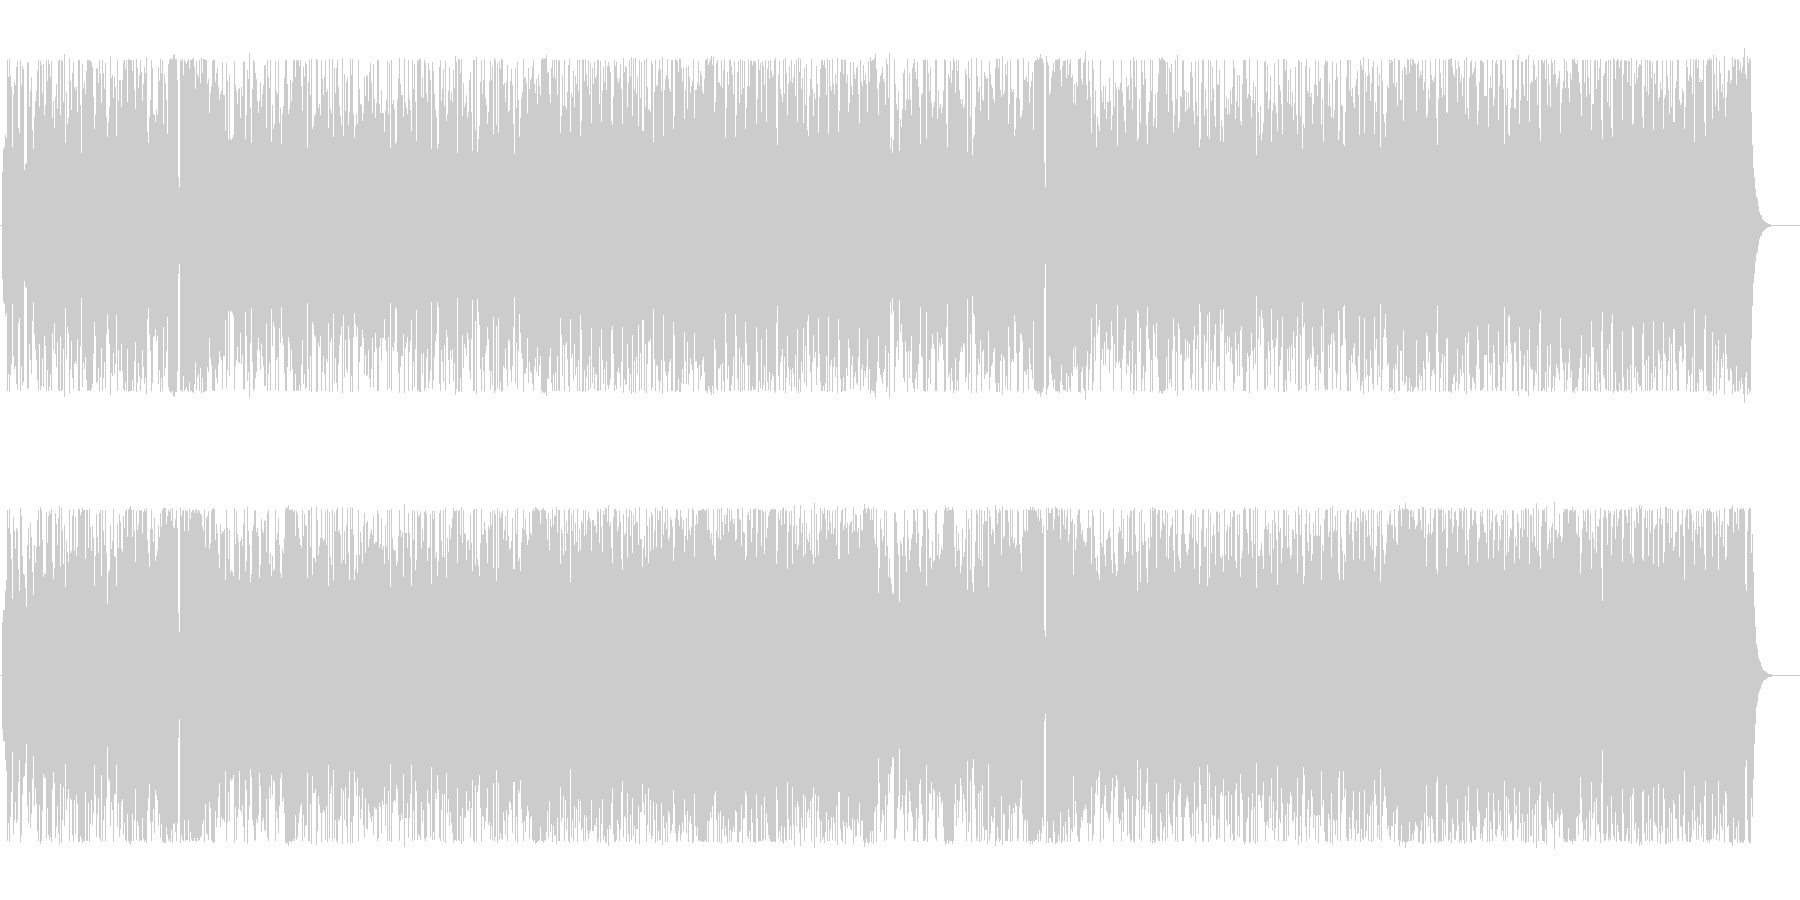 のびやかな明るいポップなBGMの未再生の波形